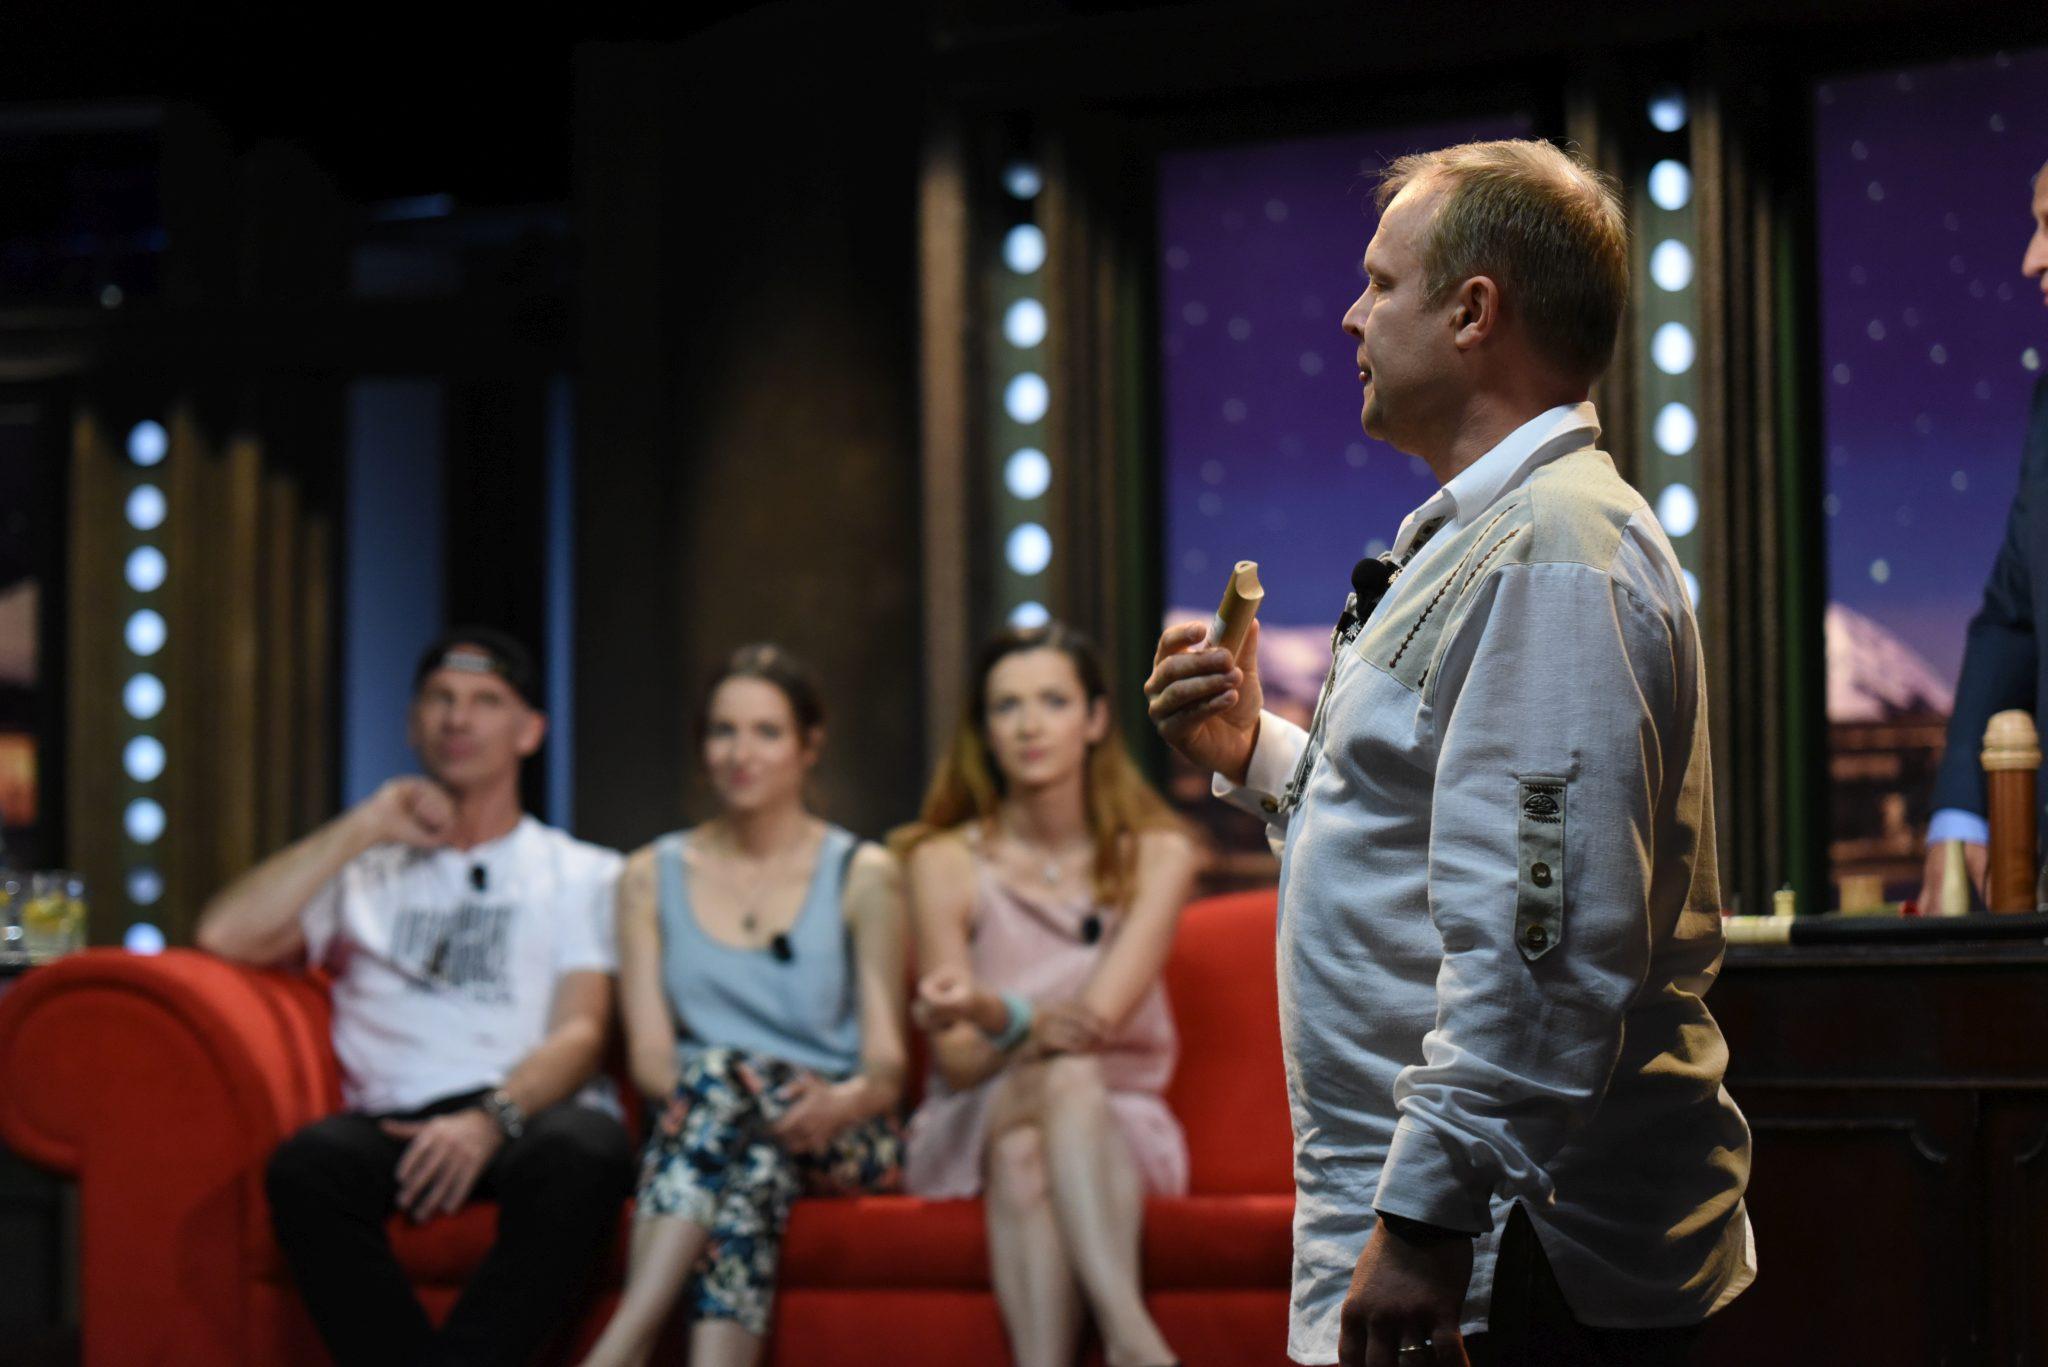 Vábení puštíka obecného; v pozadí sedící Dominik Hašek, Berenika Kohoutová a Marika Šoposká